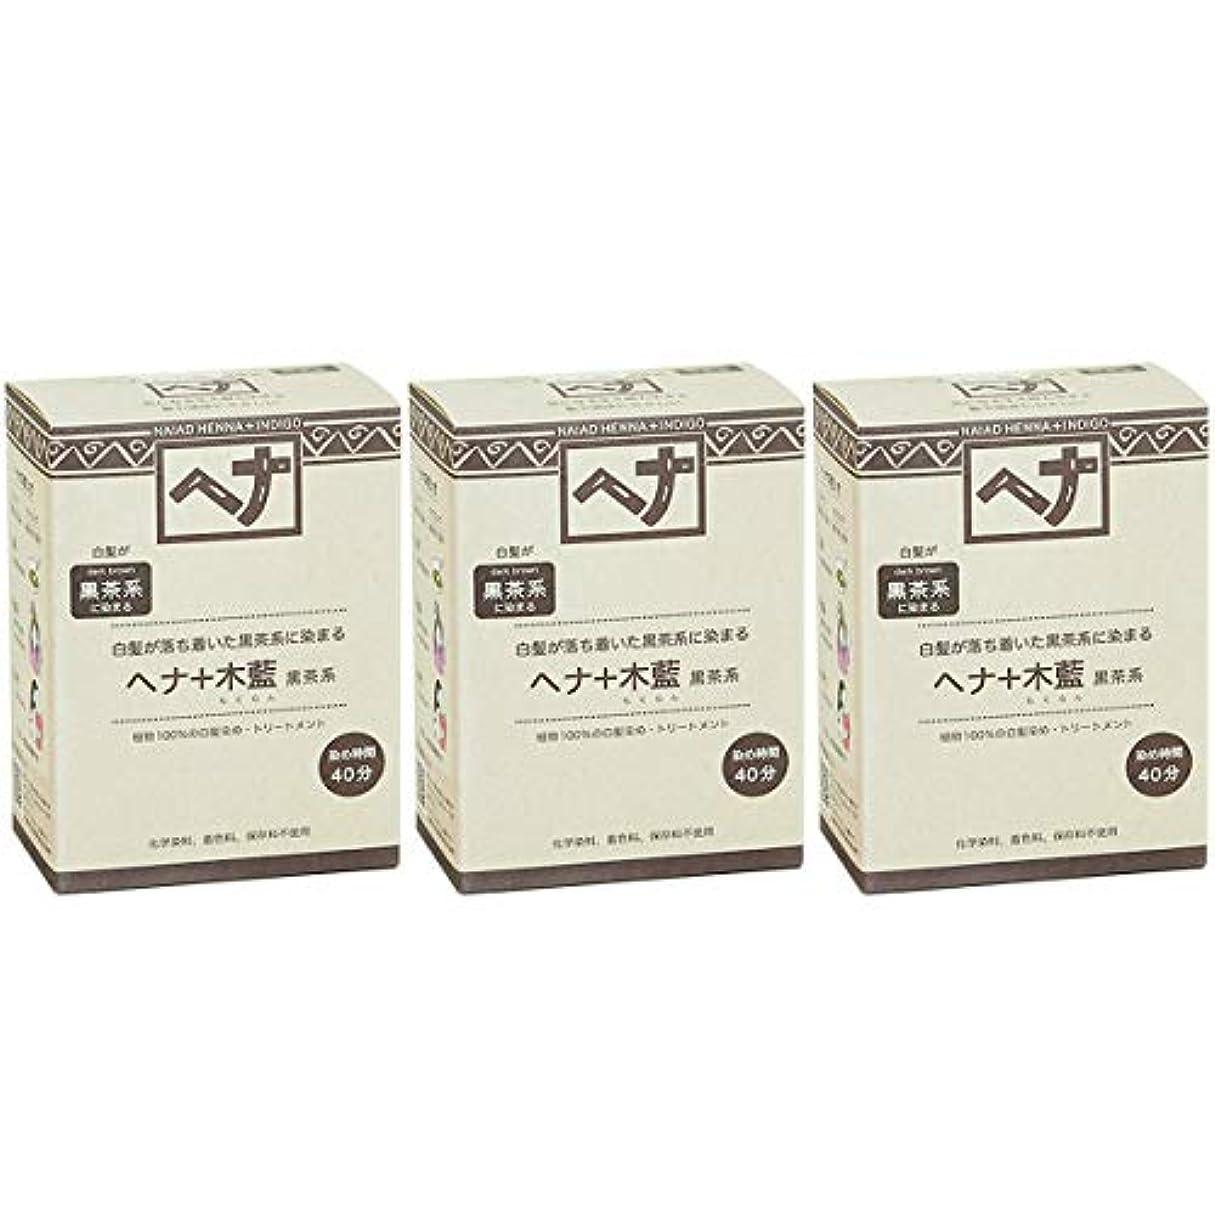 いろいろ腹要塞ナイアード ヘナ + 木藍 黒茶系 白髪が落ち着いた黒茶系に染まる 100g 3個セット